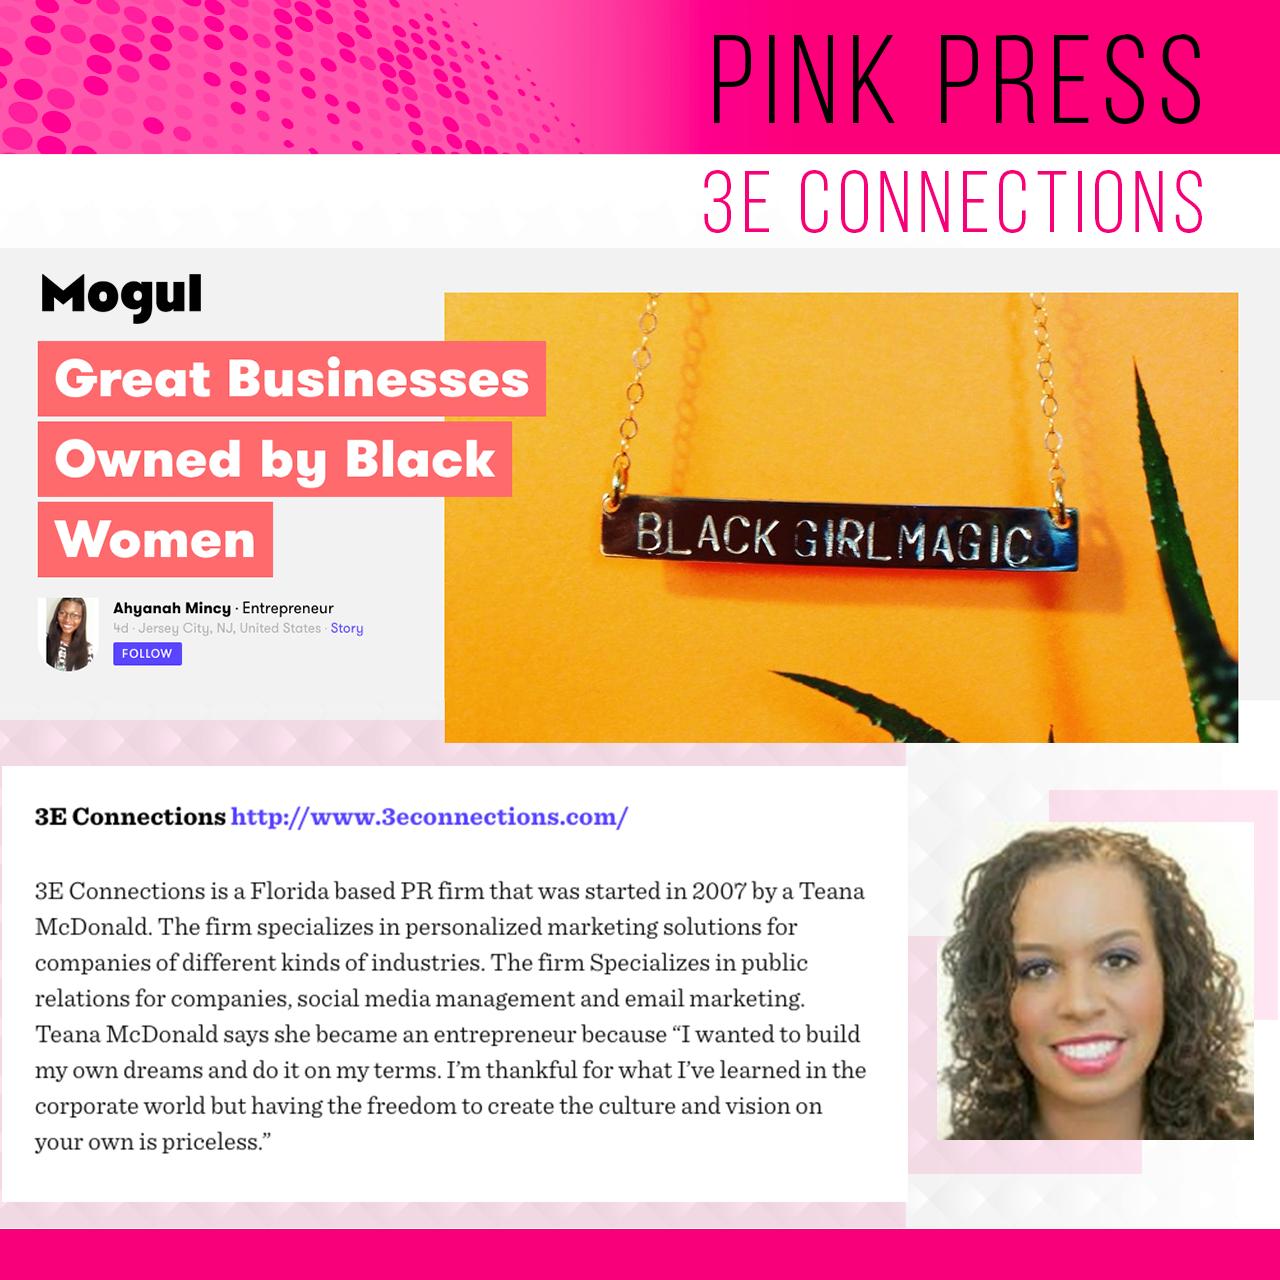 PinkPress_Mogul2.png